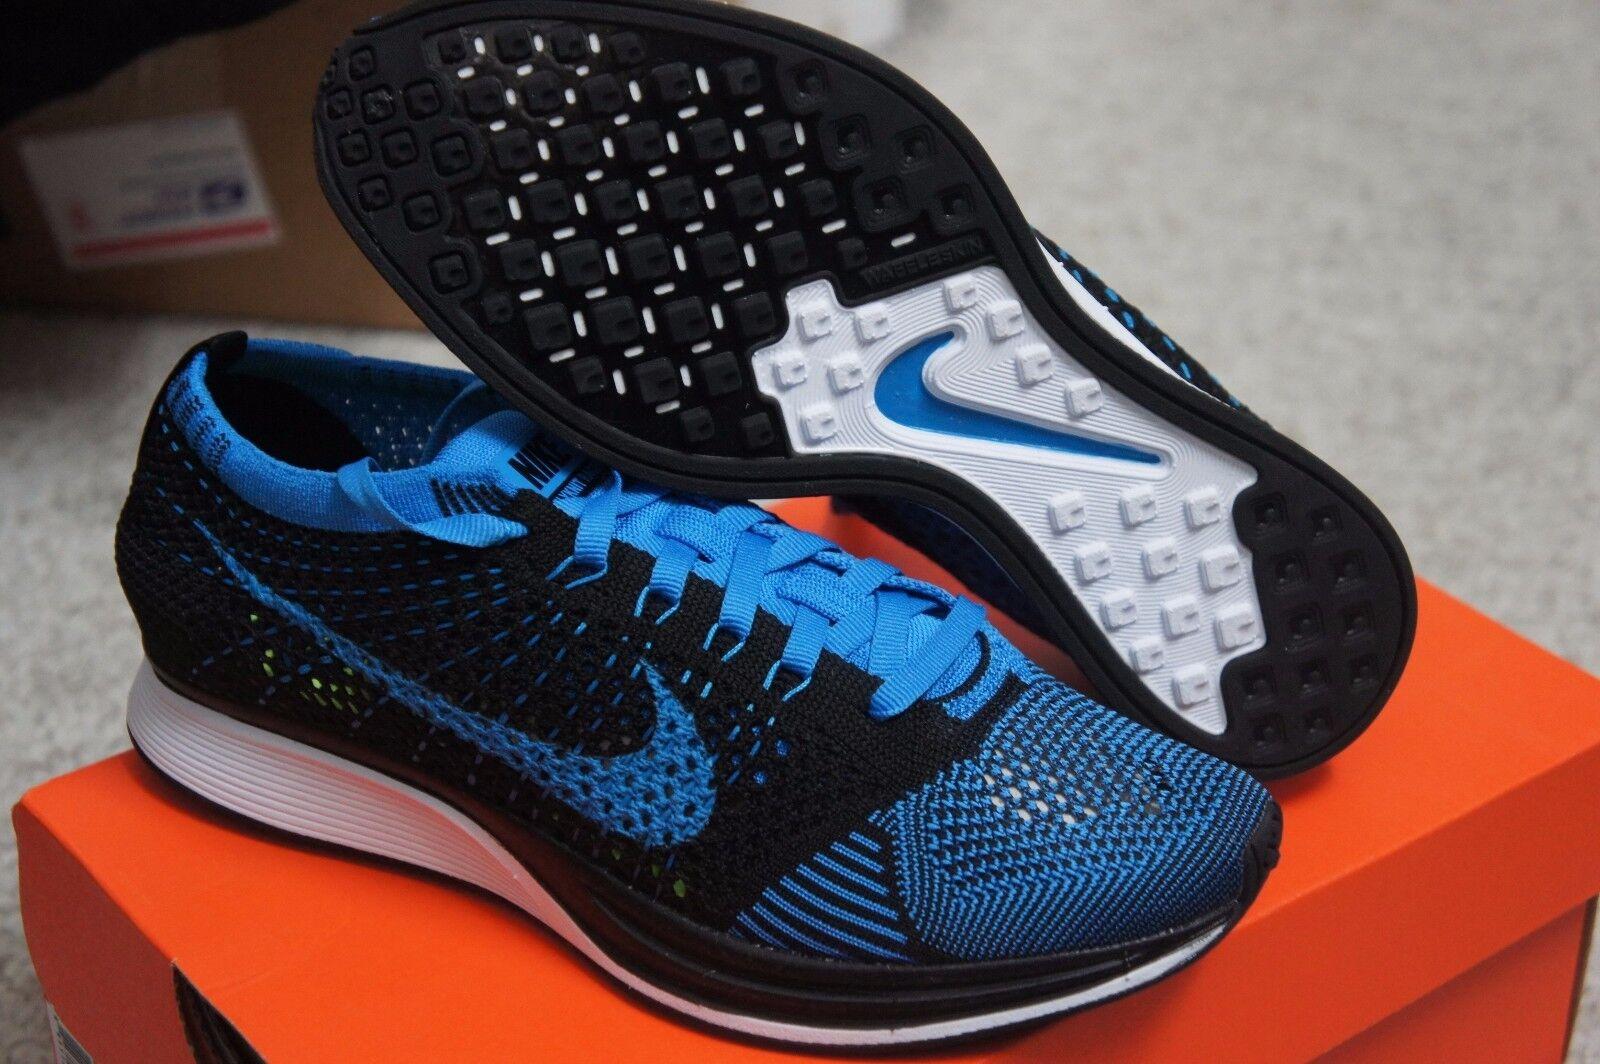 Nike Flyknit Racer Oreo Blue White Black Zoom Trainer